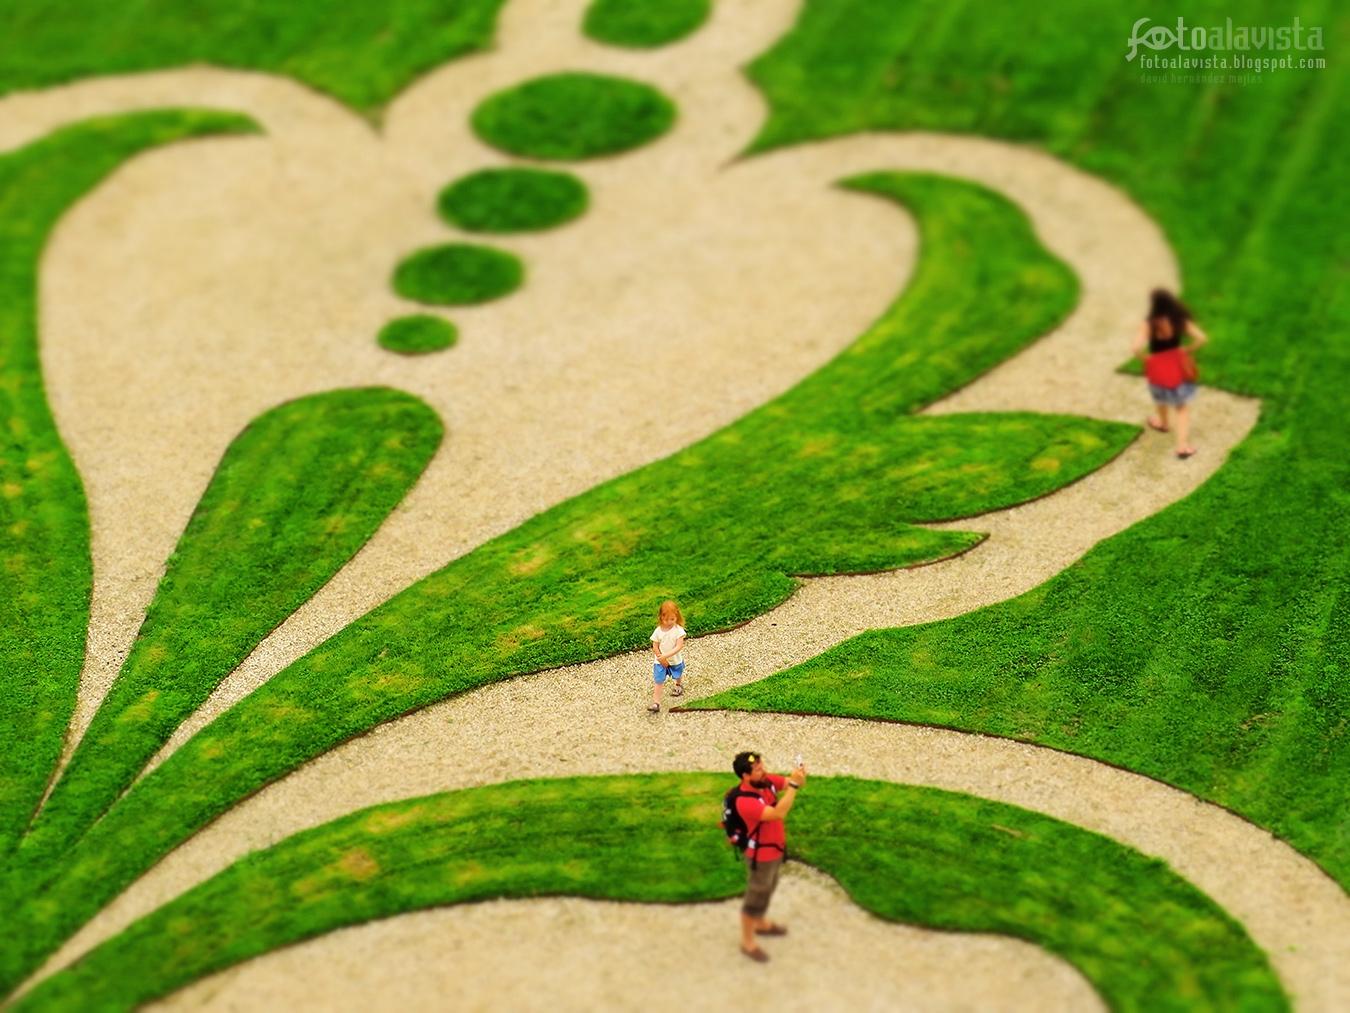 Como caminos de vida - Fotografía